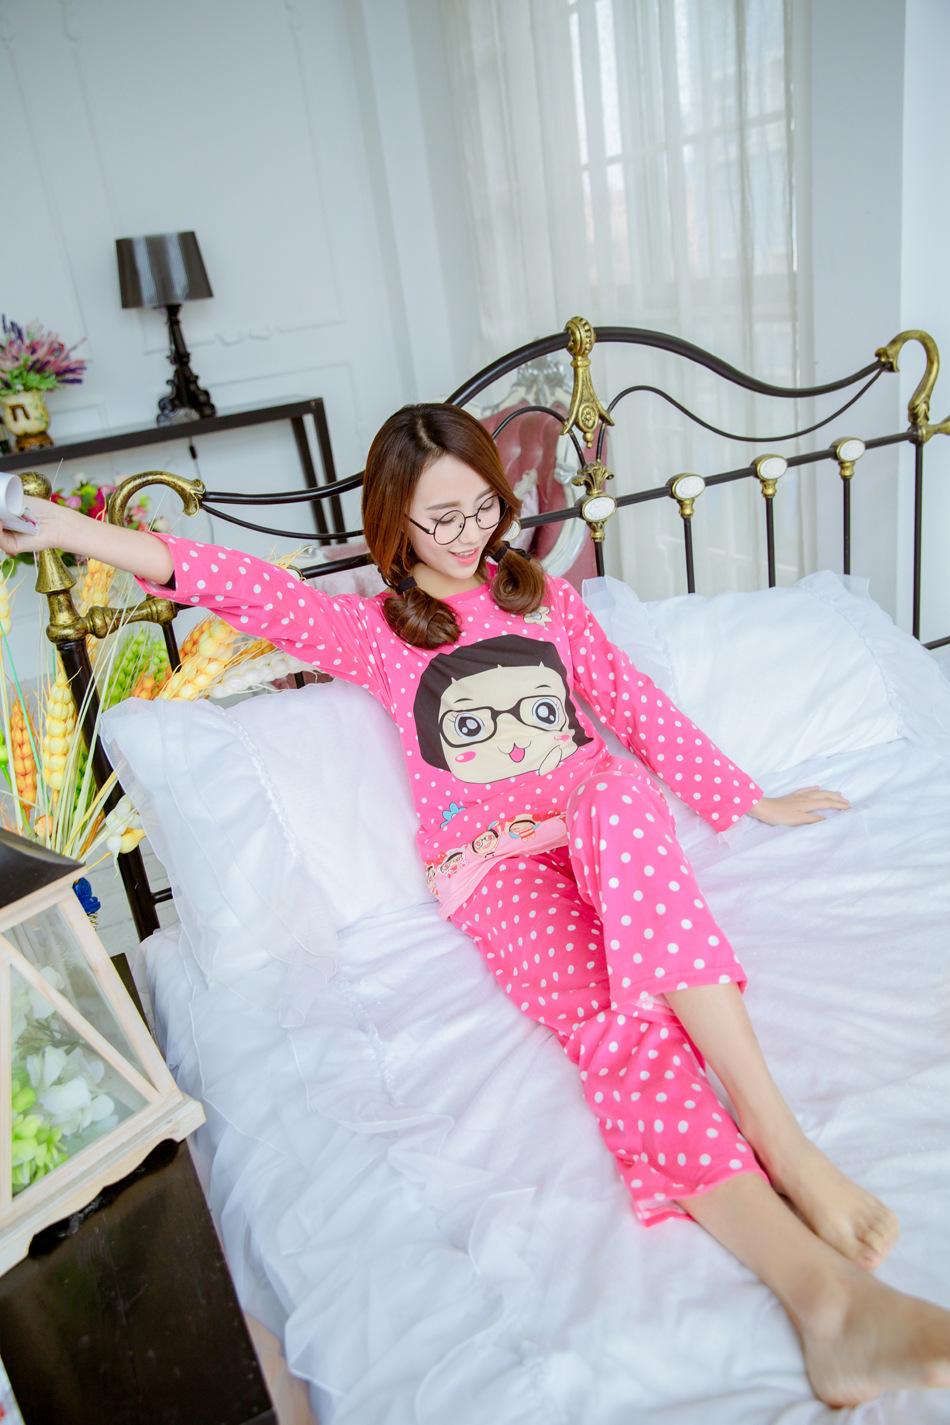 ชุดนอนแขนยาว ผู้หญิงแสนน่ารัก